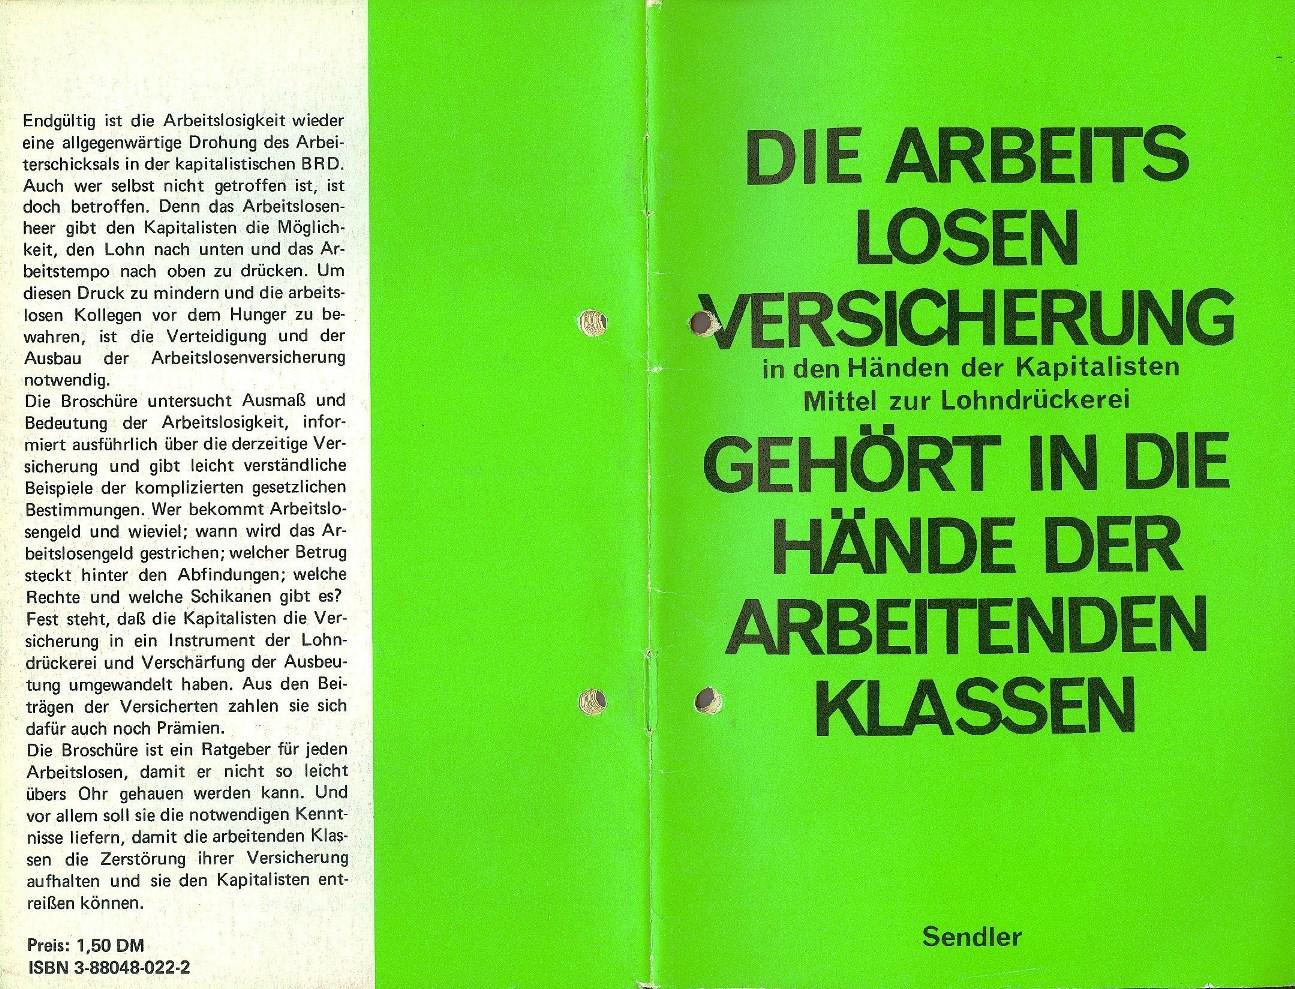 Bremen_GUV054